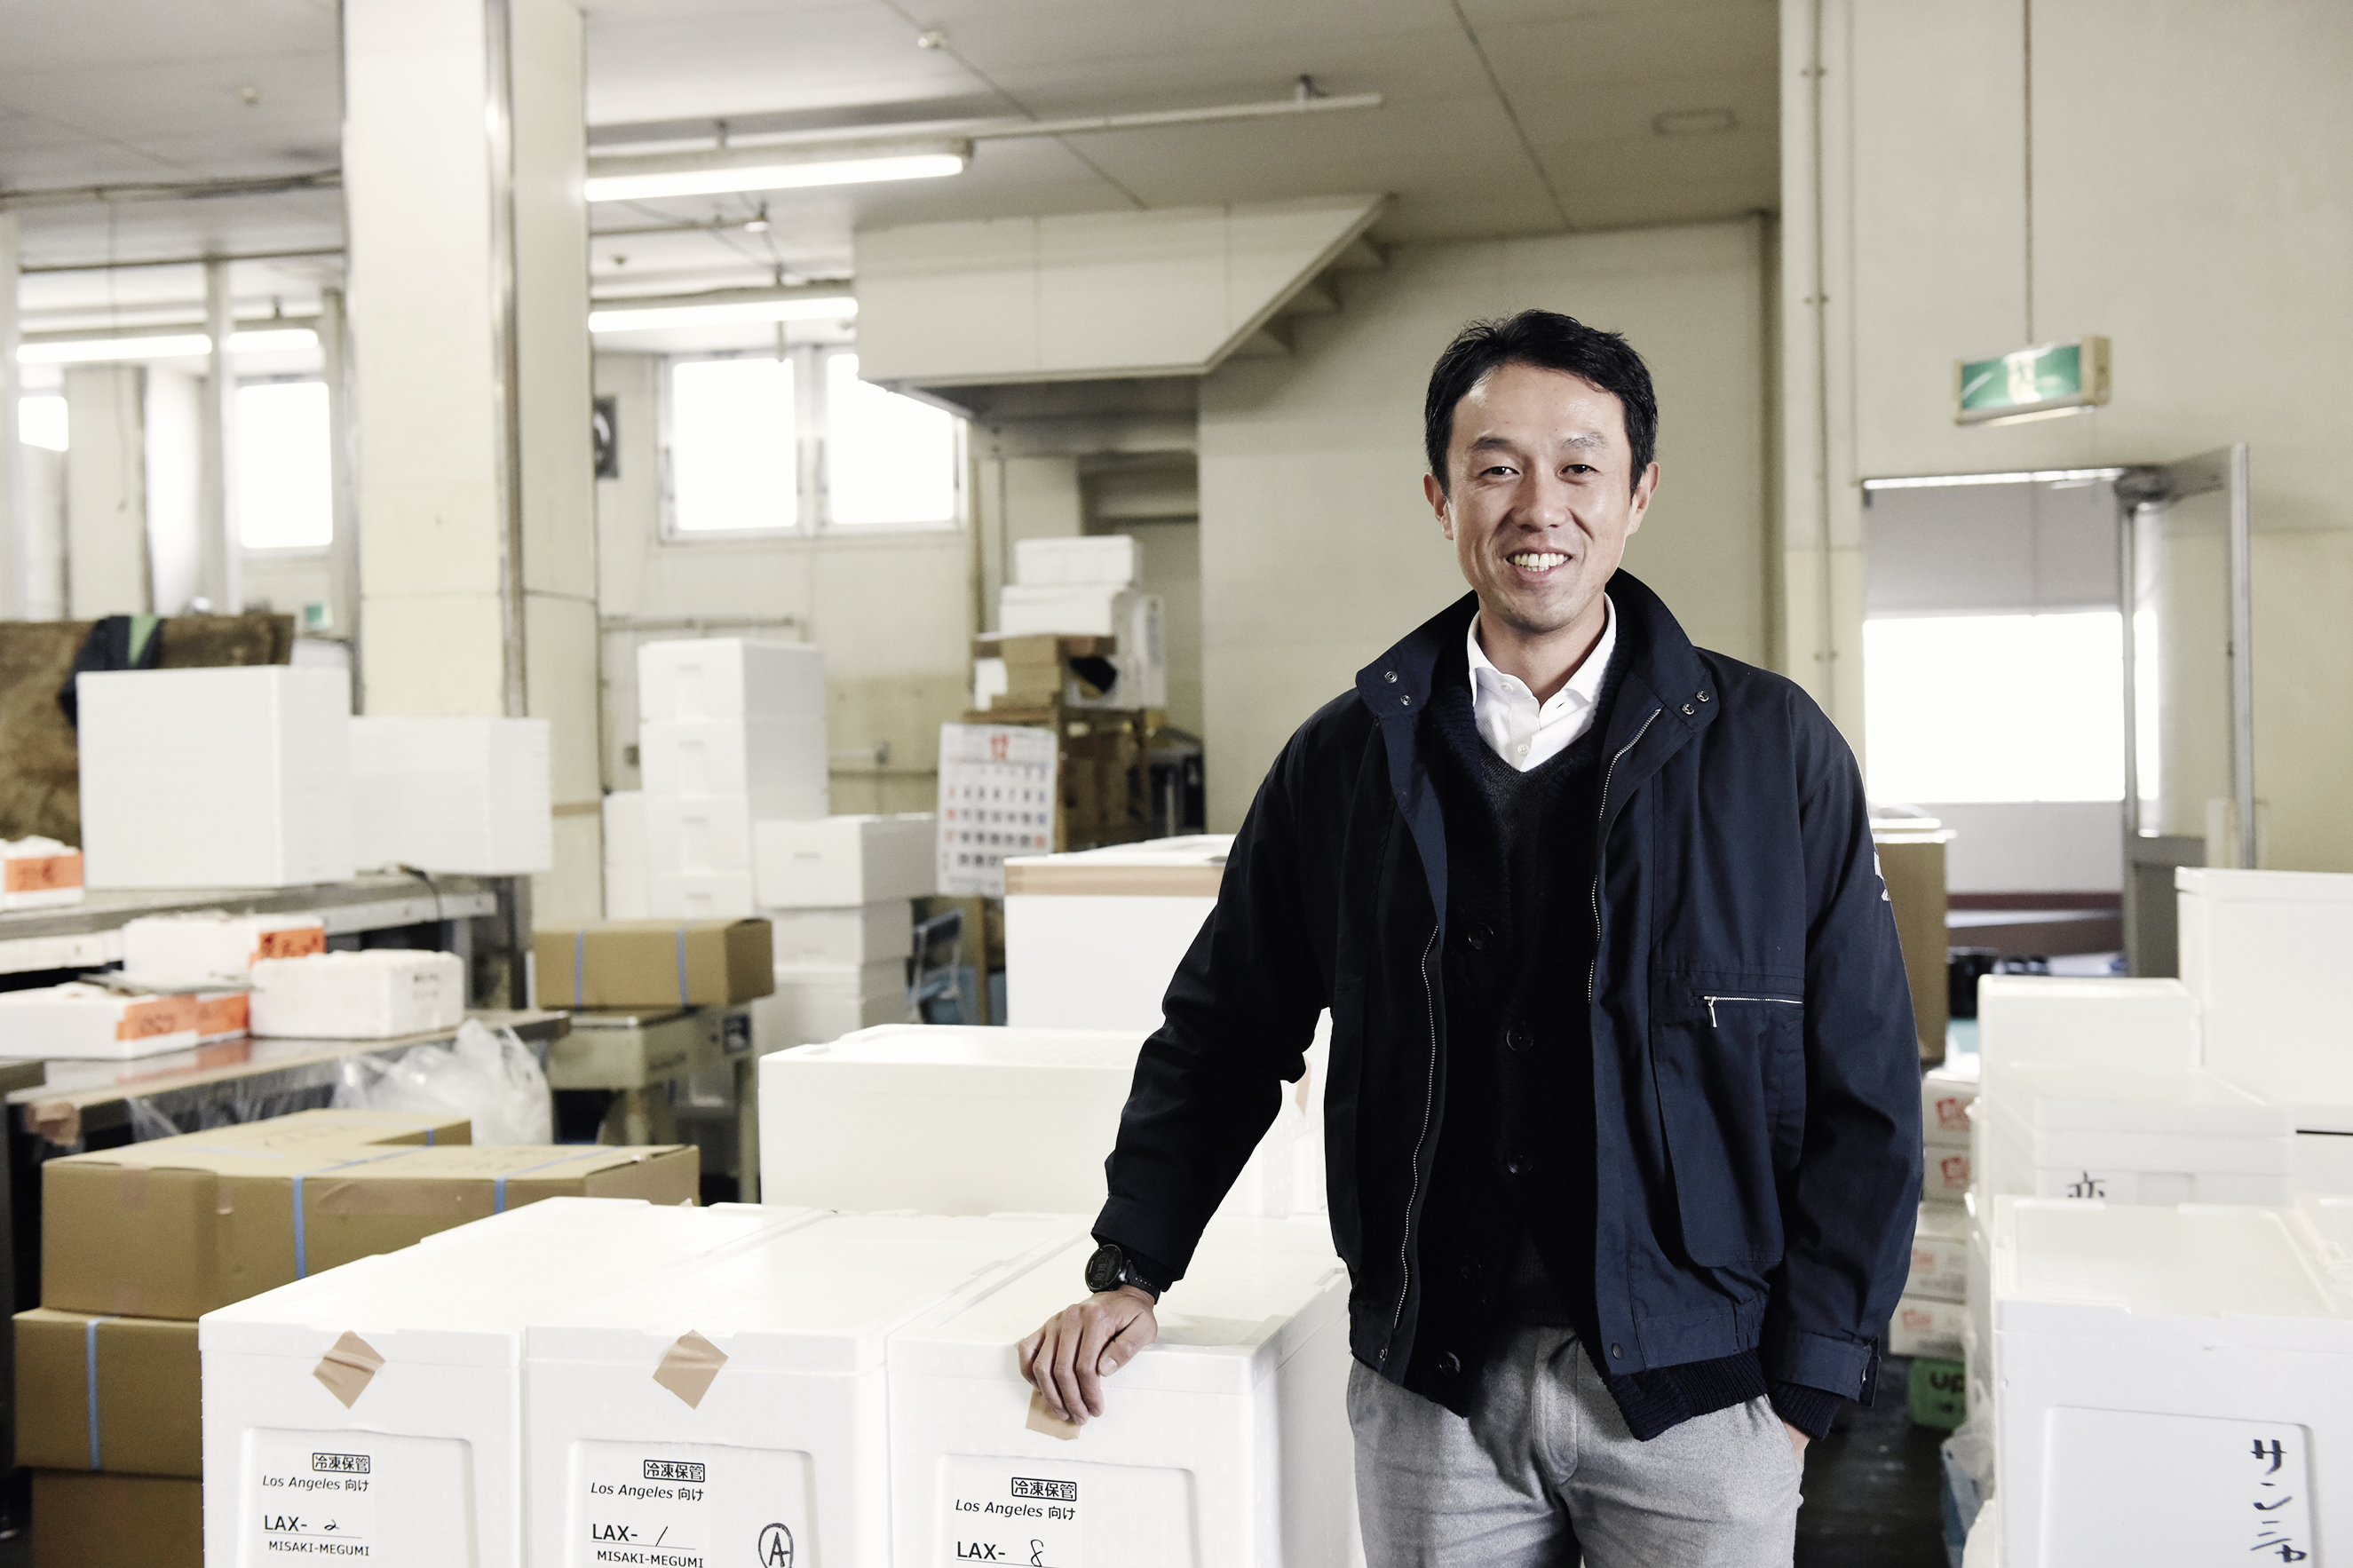 三崎発、世界一のまぐろ屋を目指す三崎恵水産が追求する、水産業のサステナビリティとは